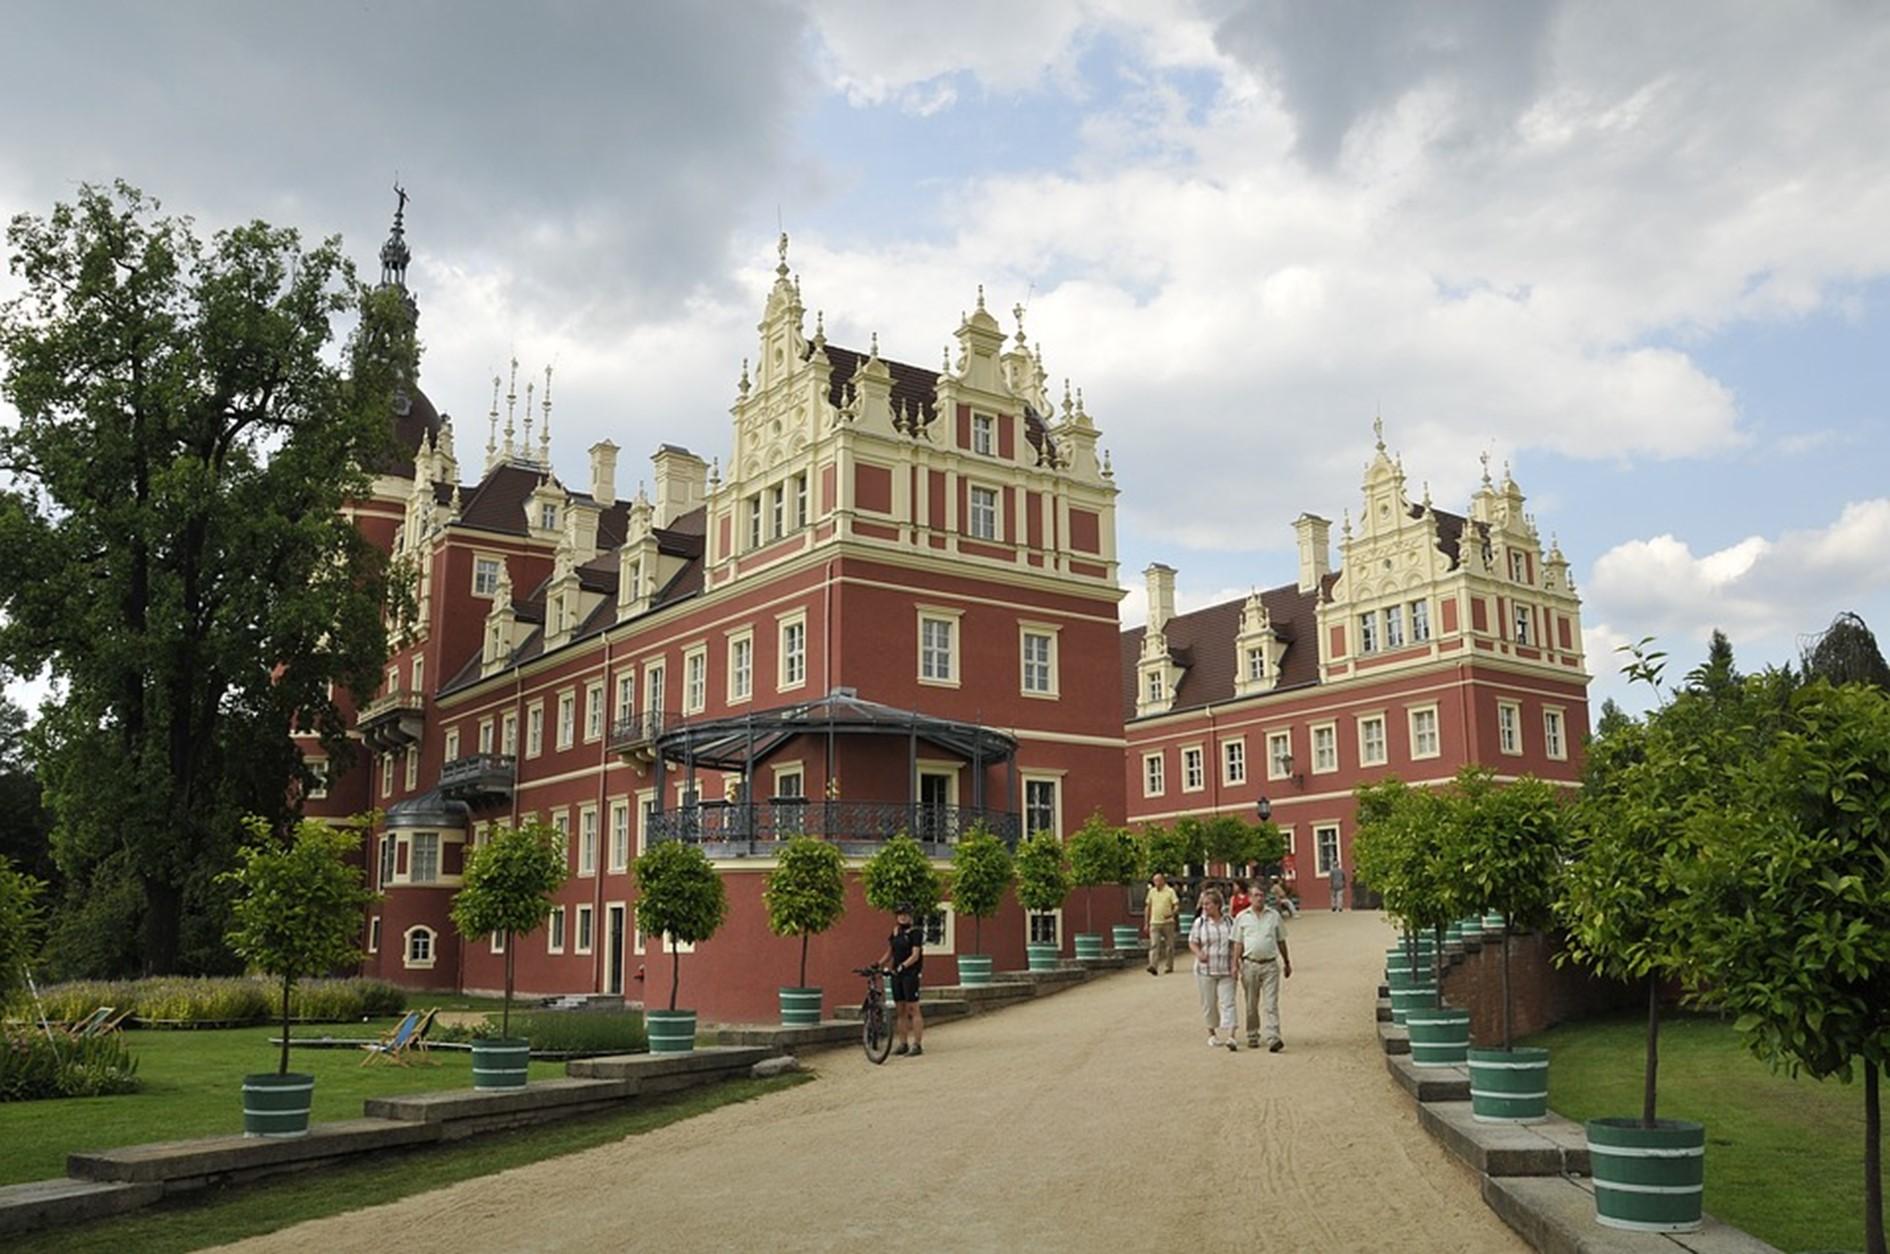 Urlaub in Sachsen, Schloss Villa